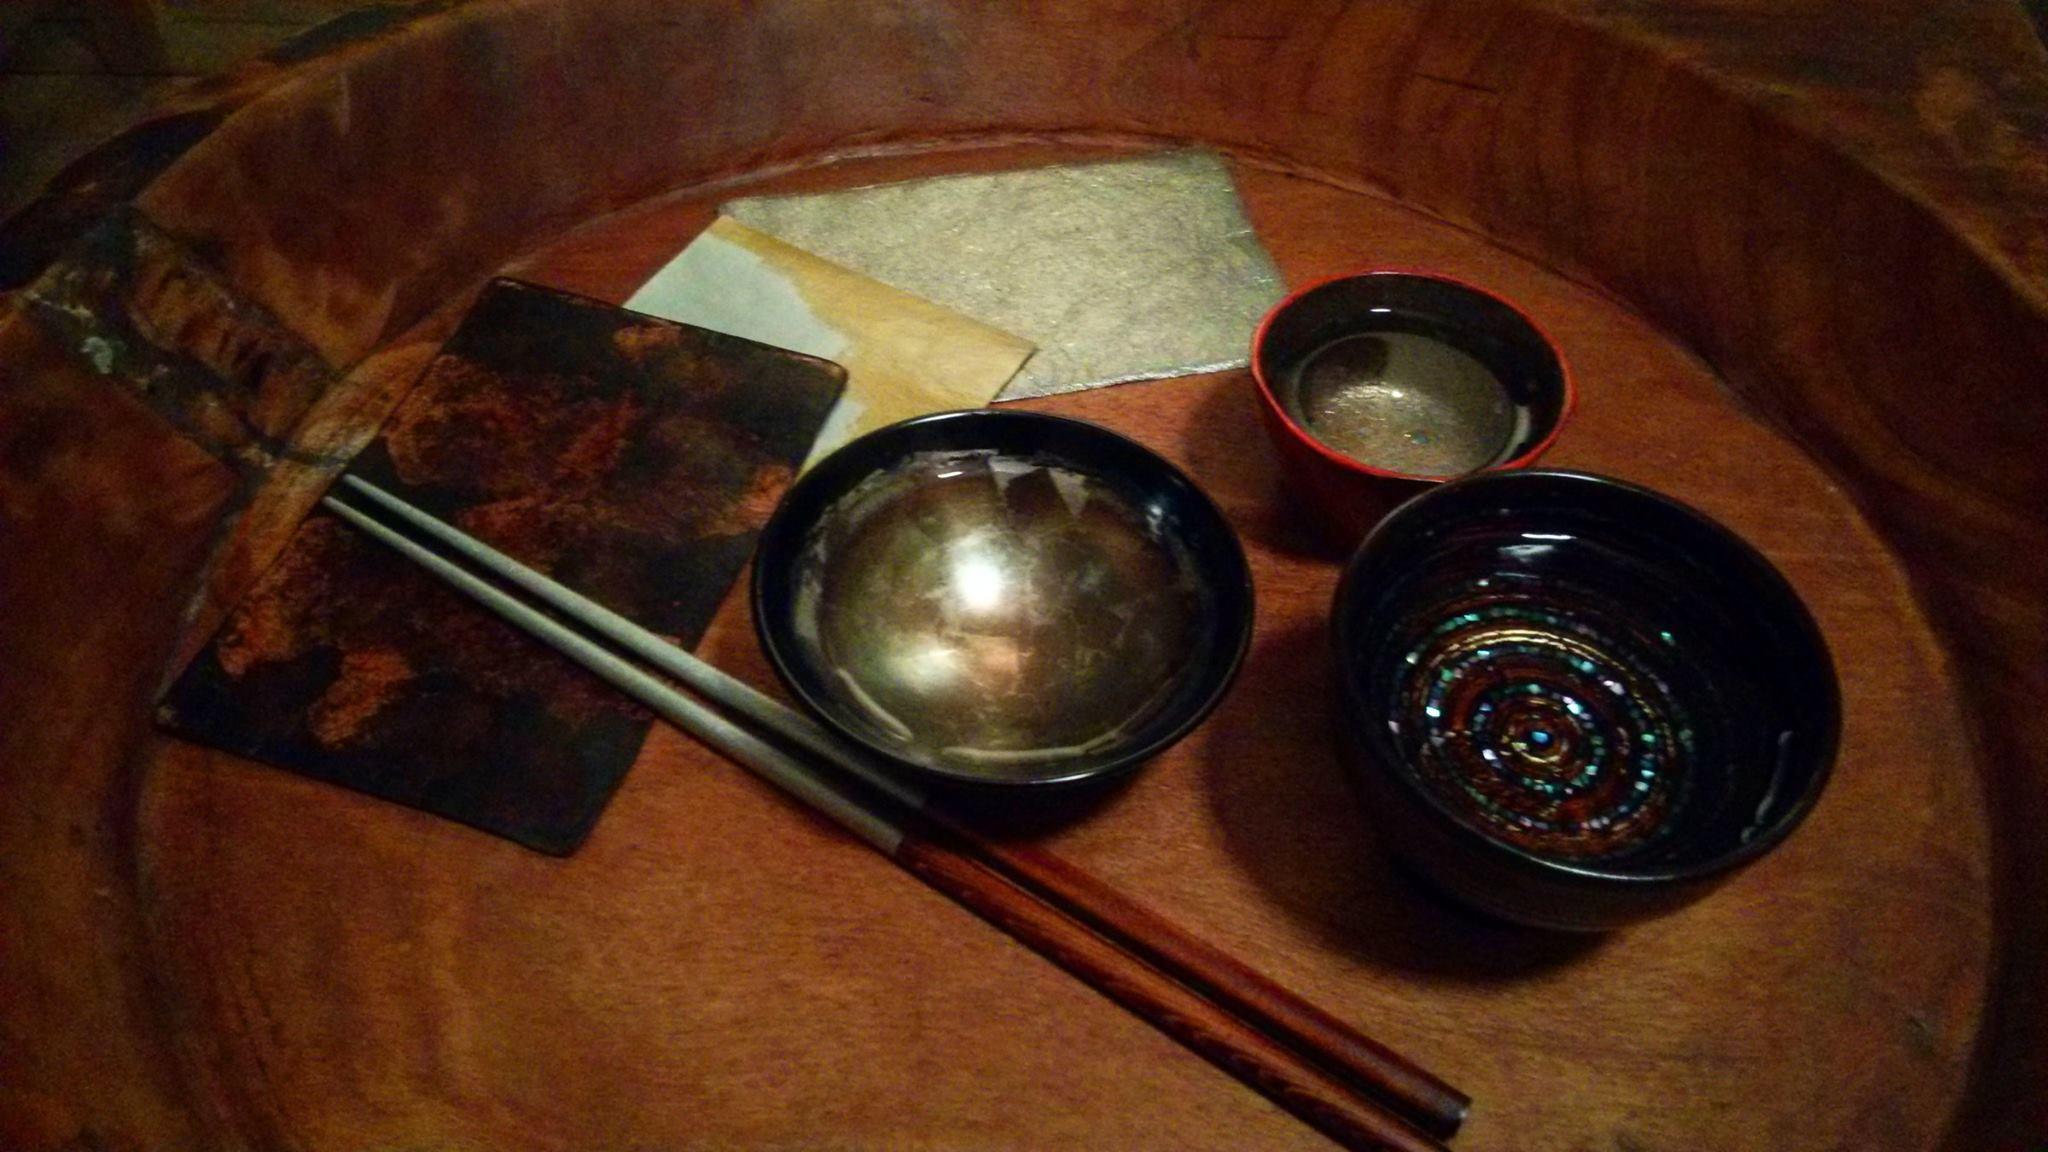 日本酒を愉しむ会2014年11月29日